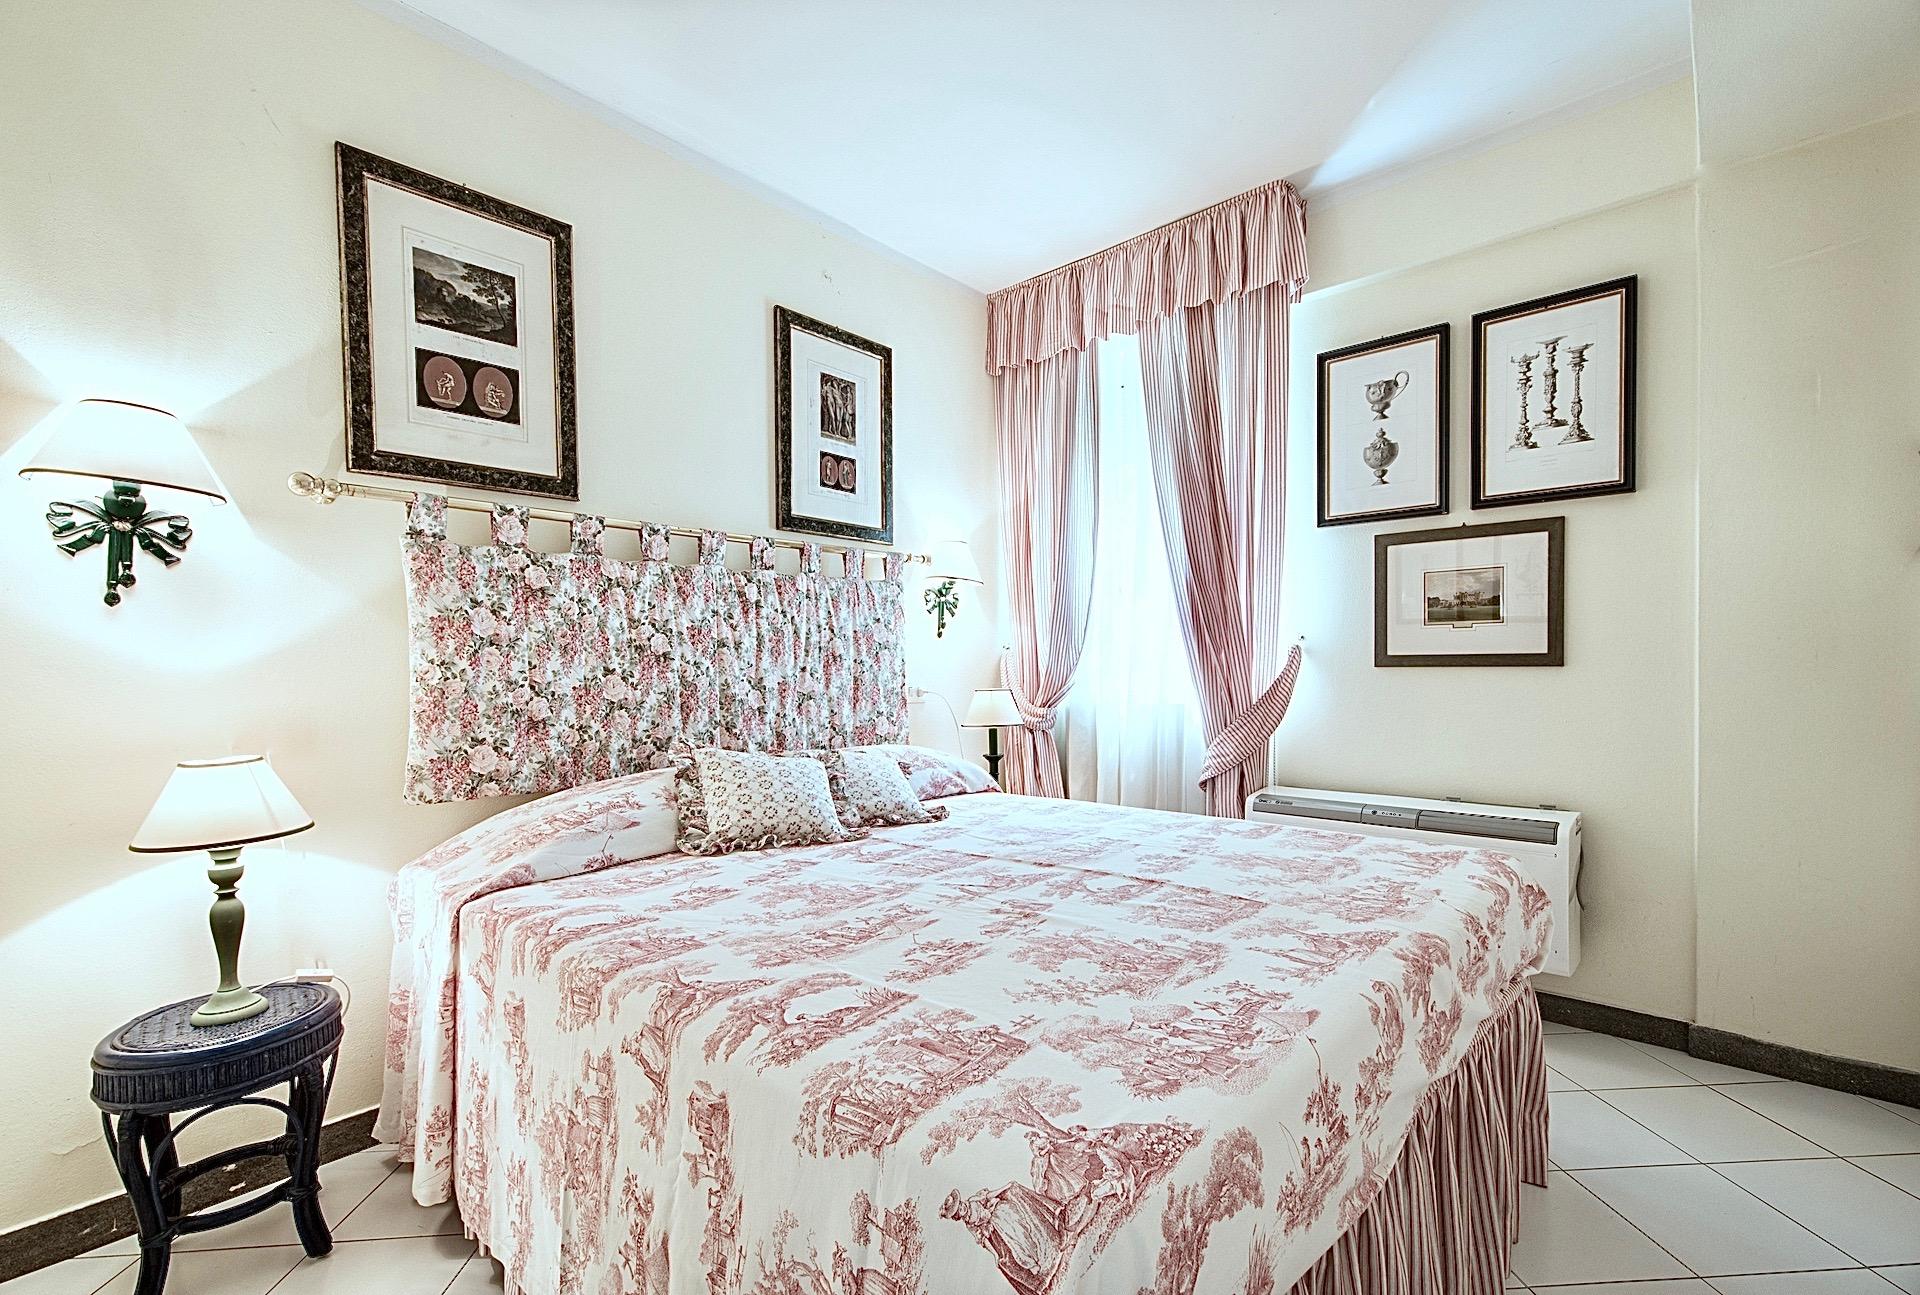 Bedroom01 01